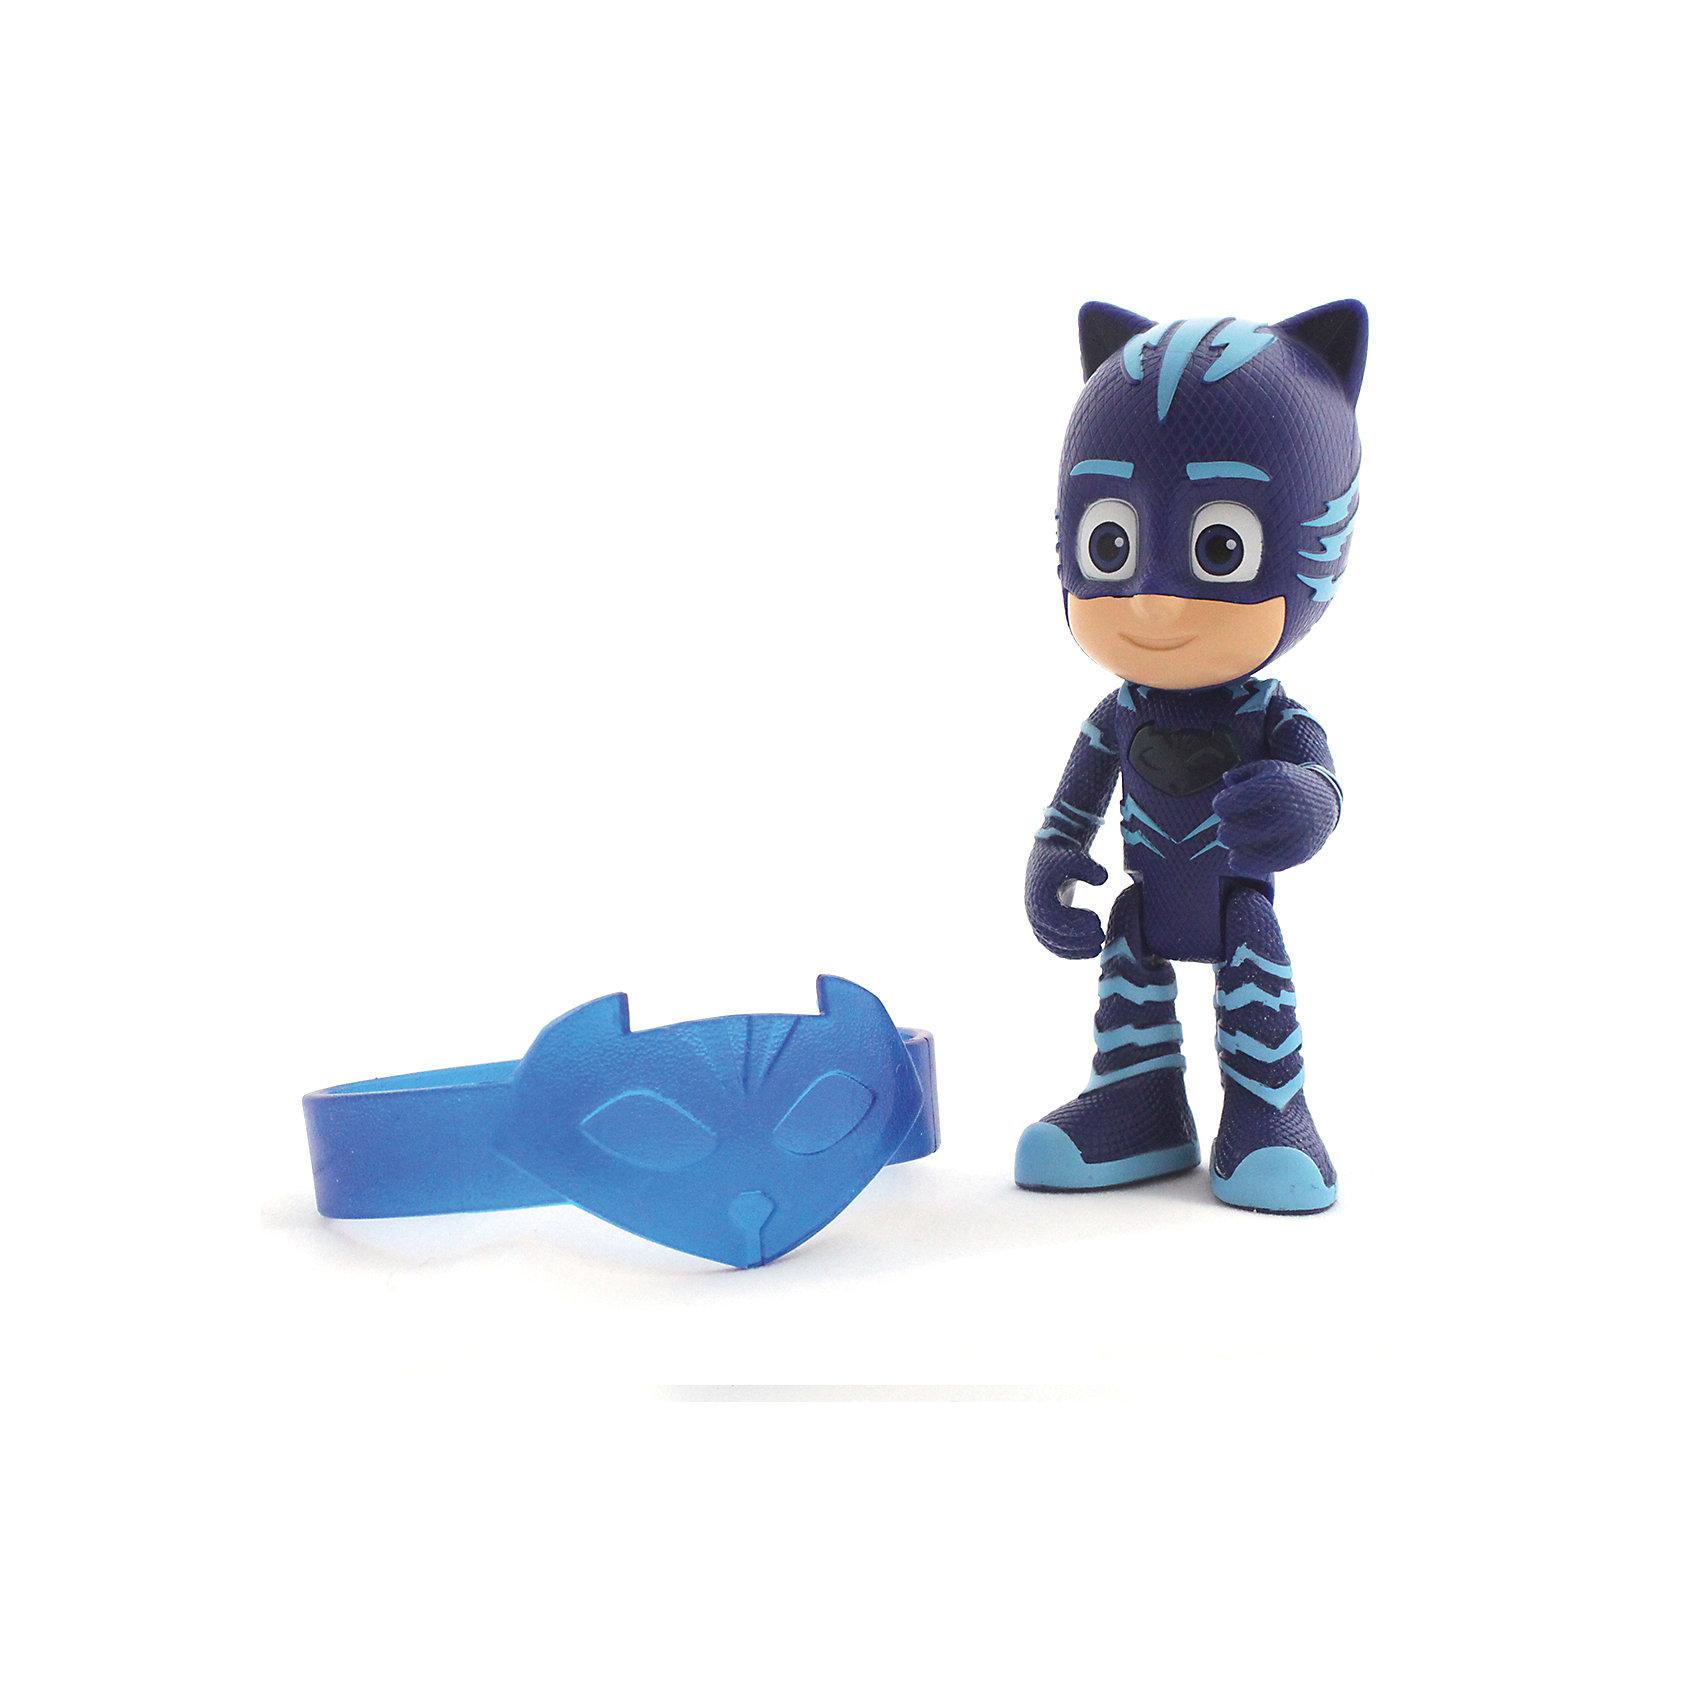 Игровой набор Кэтбой: фигурка 8 см со светом + браслет, Герои в маскахЛюбимые герои<br>Игровой набор Кэтбой: фигурка 8 см со светом + браслет, Герои в масках.<br><br>Характеристики:<br><br>• Для детей в возрасте: от 3 лет<br>• В наборе: фигурка Кэтбоя со световым эффектом, силиконовый браслет для ребенка<br>• Материал фигурки: пластик<br>• Высота фигурки: 8 см.<br>• Батарейки: 3 типа AG3 (LR 41) входят в комплект<br>• Упаковка: блистер на картоне<br>• Размер упаковки: 19 х 10,5 х 4,5 см.<br><br>Игровой набор представлен фигуркой, выполненной в виде персонажа мультфильма «Герои в масках» - Кэтбоя и силиконовым браслетом с изображением атрибута героя, который будет прекрасно смотреться на руке малыша. Фигурка Кэтбоя прекрасно детализирована и реалистично раскрашена. <br><br>У Кэтбоя синий костюм с кошачьими ушками и хвостом. Лицо героя почти полностью закрыто маской, видны только глаза синего цвета. У фигурки подвижные ручки и ножки. При нажатии на голову героя загорается амулет на его груди.<br><br>Игровой набор Кэтбой: фигурка 8 см со светом + браслет, Герои в масках можно купить в нашем интернет-магазине.<br><br>Ширина мм: 190<br>Глубина мм: 105<br>Высота мм: 45<br>Вес г: 70<br>Возраст от месяцев: 36<br>Возраст до месяцев: 2147483647<br>Пол: Унисекс<br>Возраст: Детский<br>SKU: 6679198